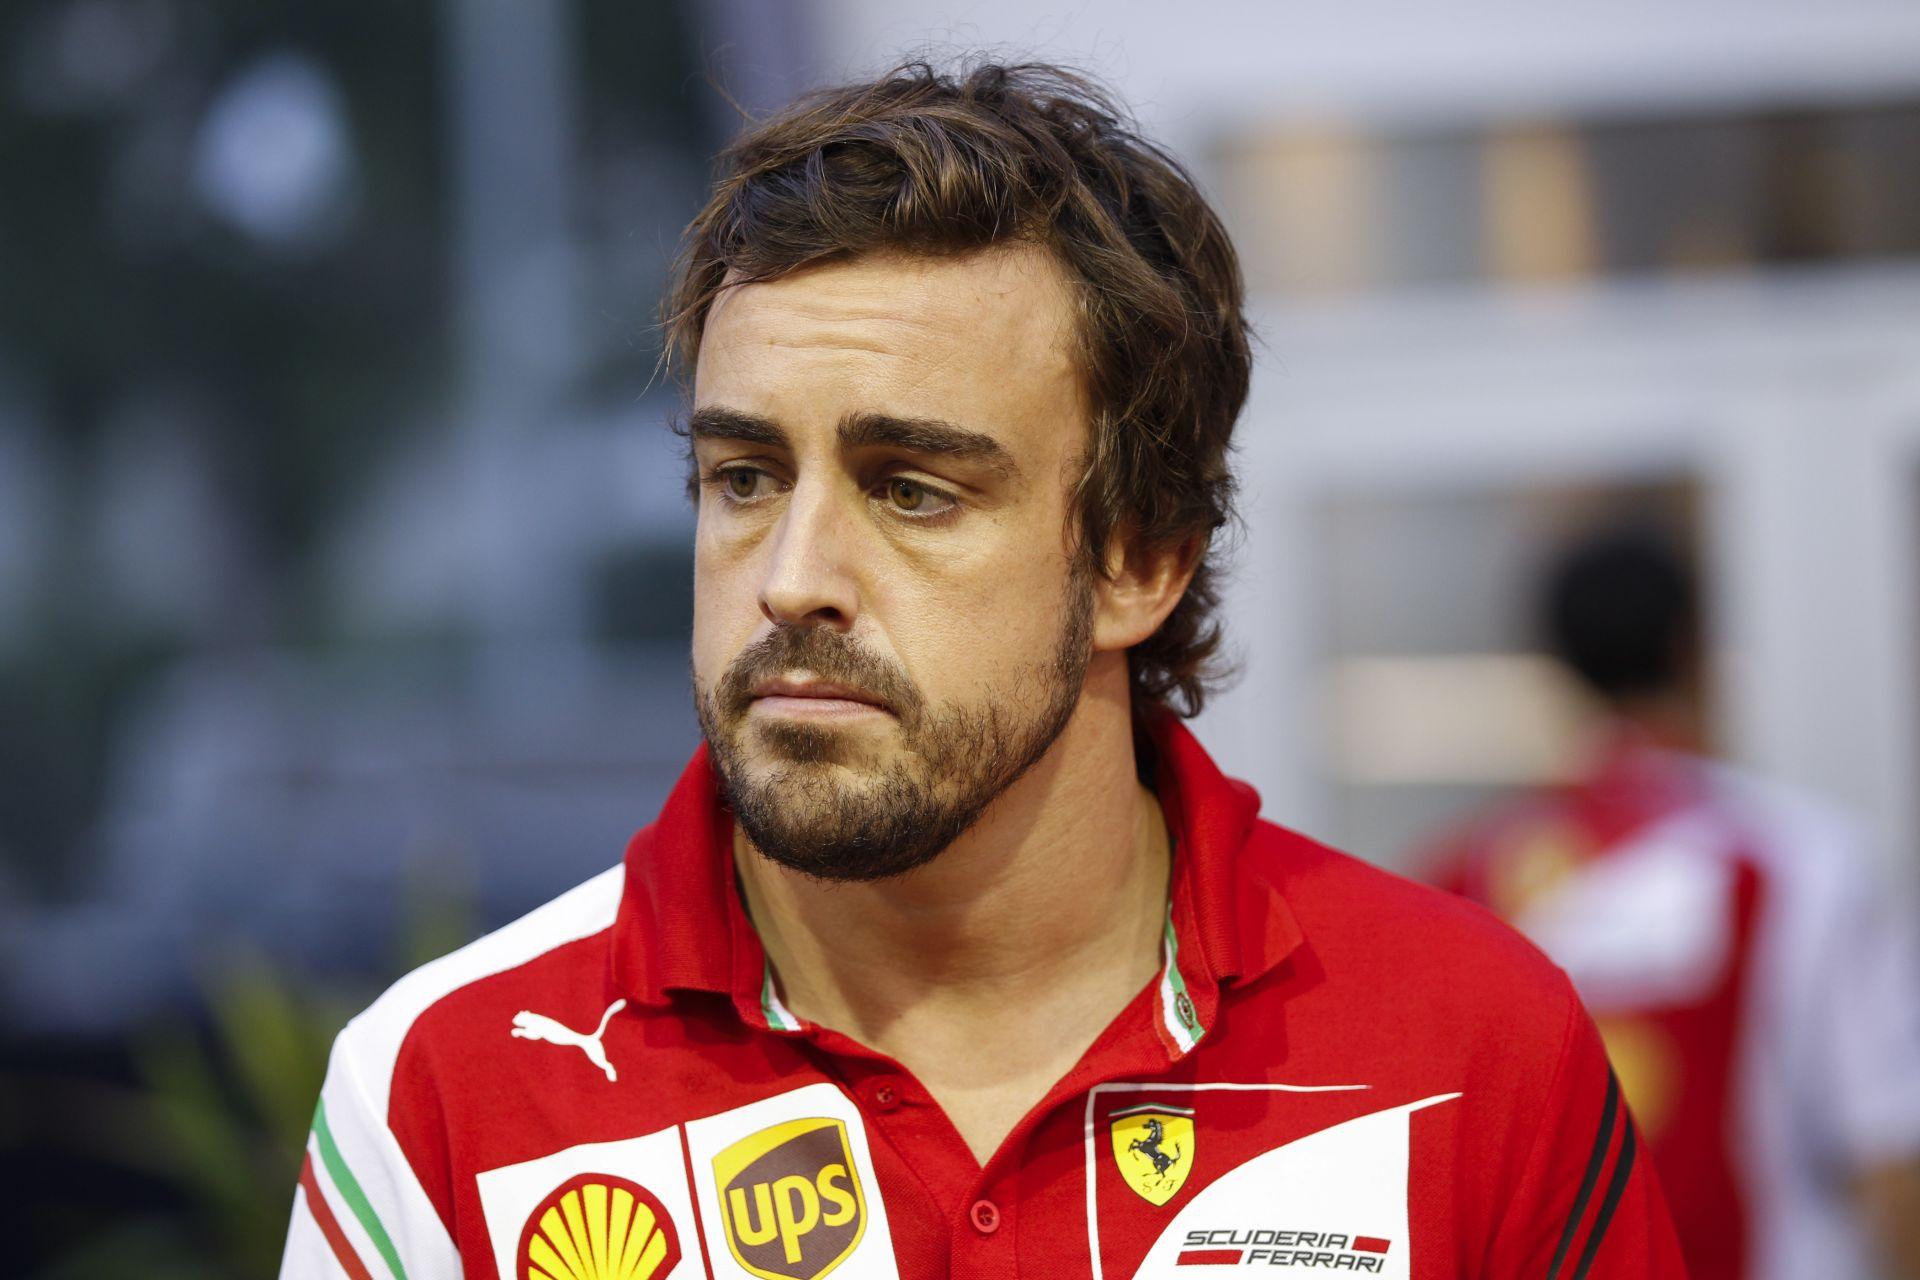 Alonso közölte, hogy távozni akar a Ferraritól